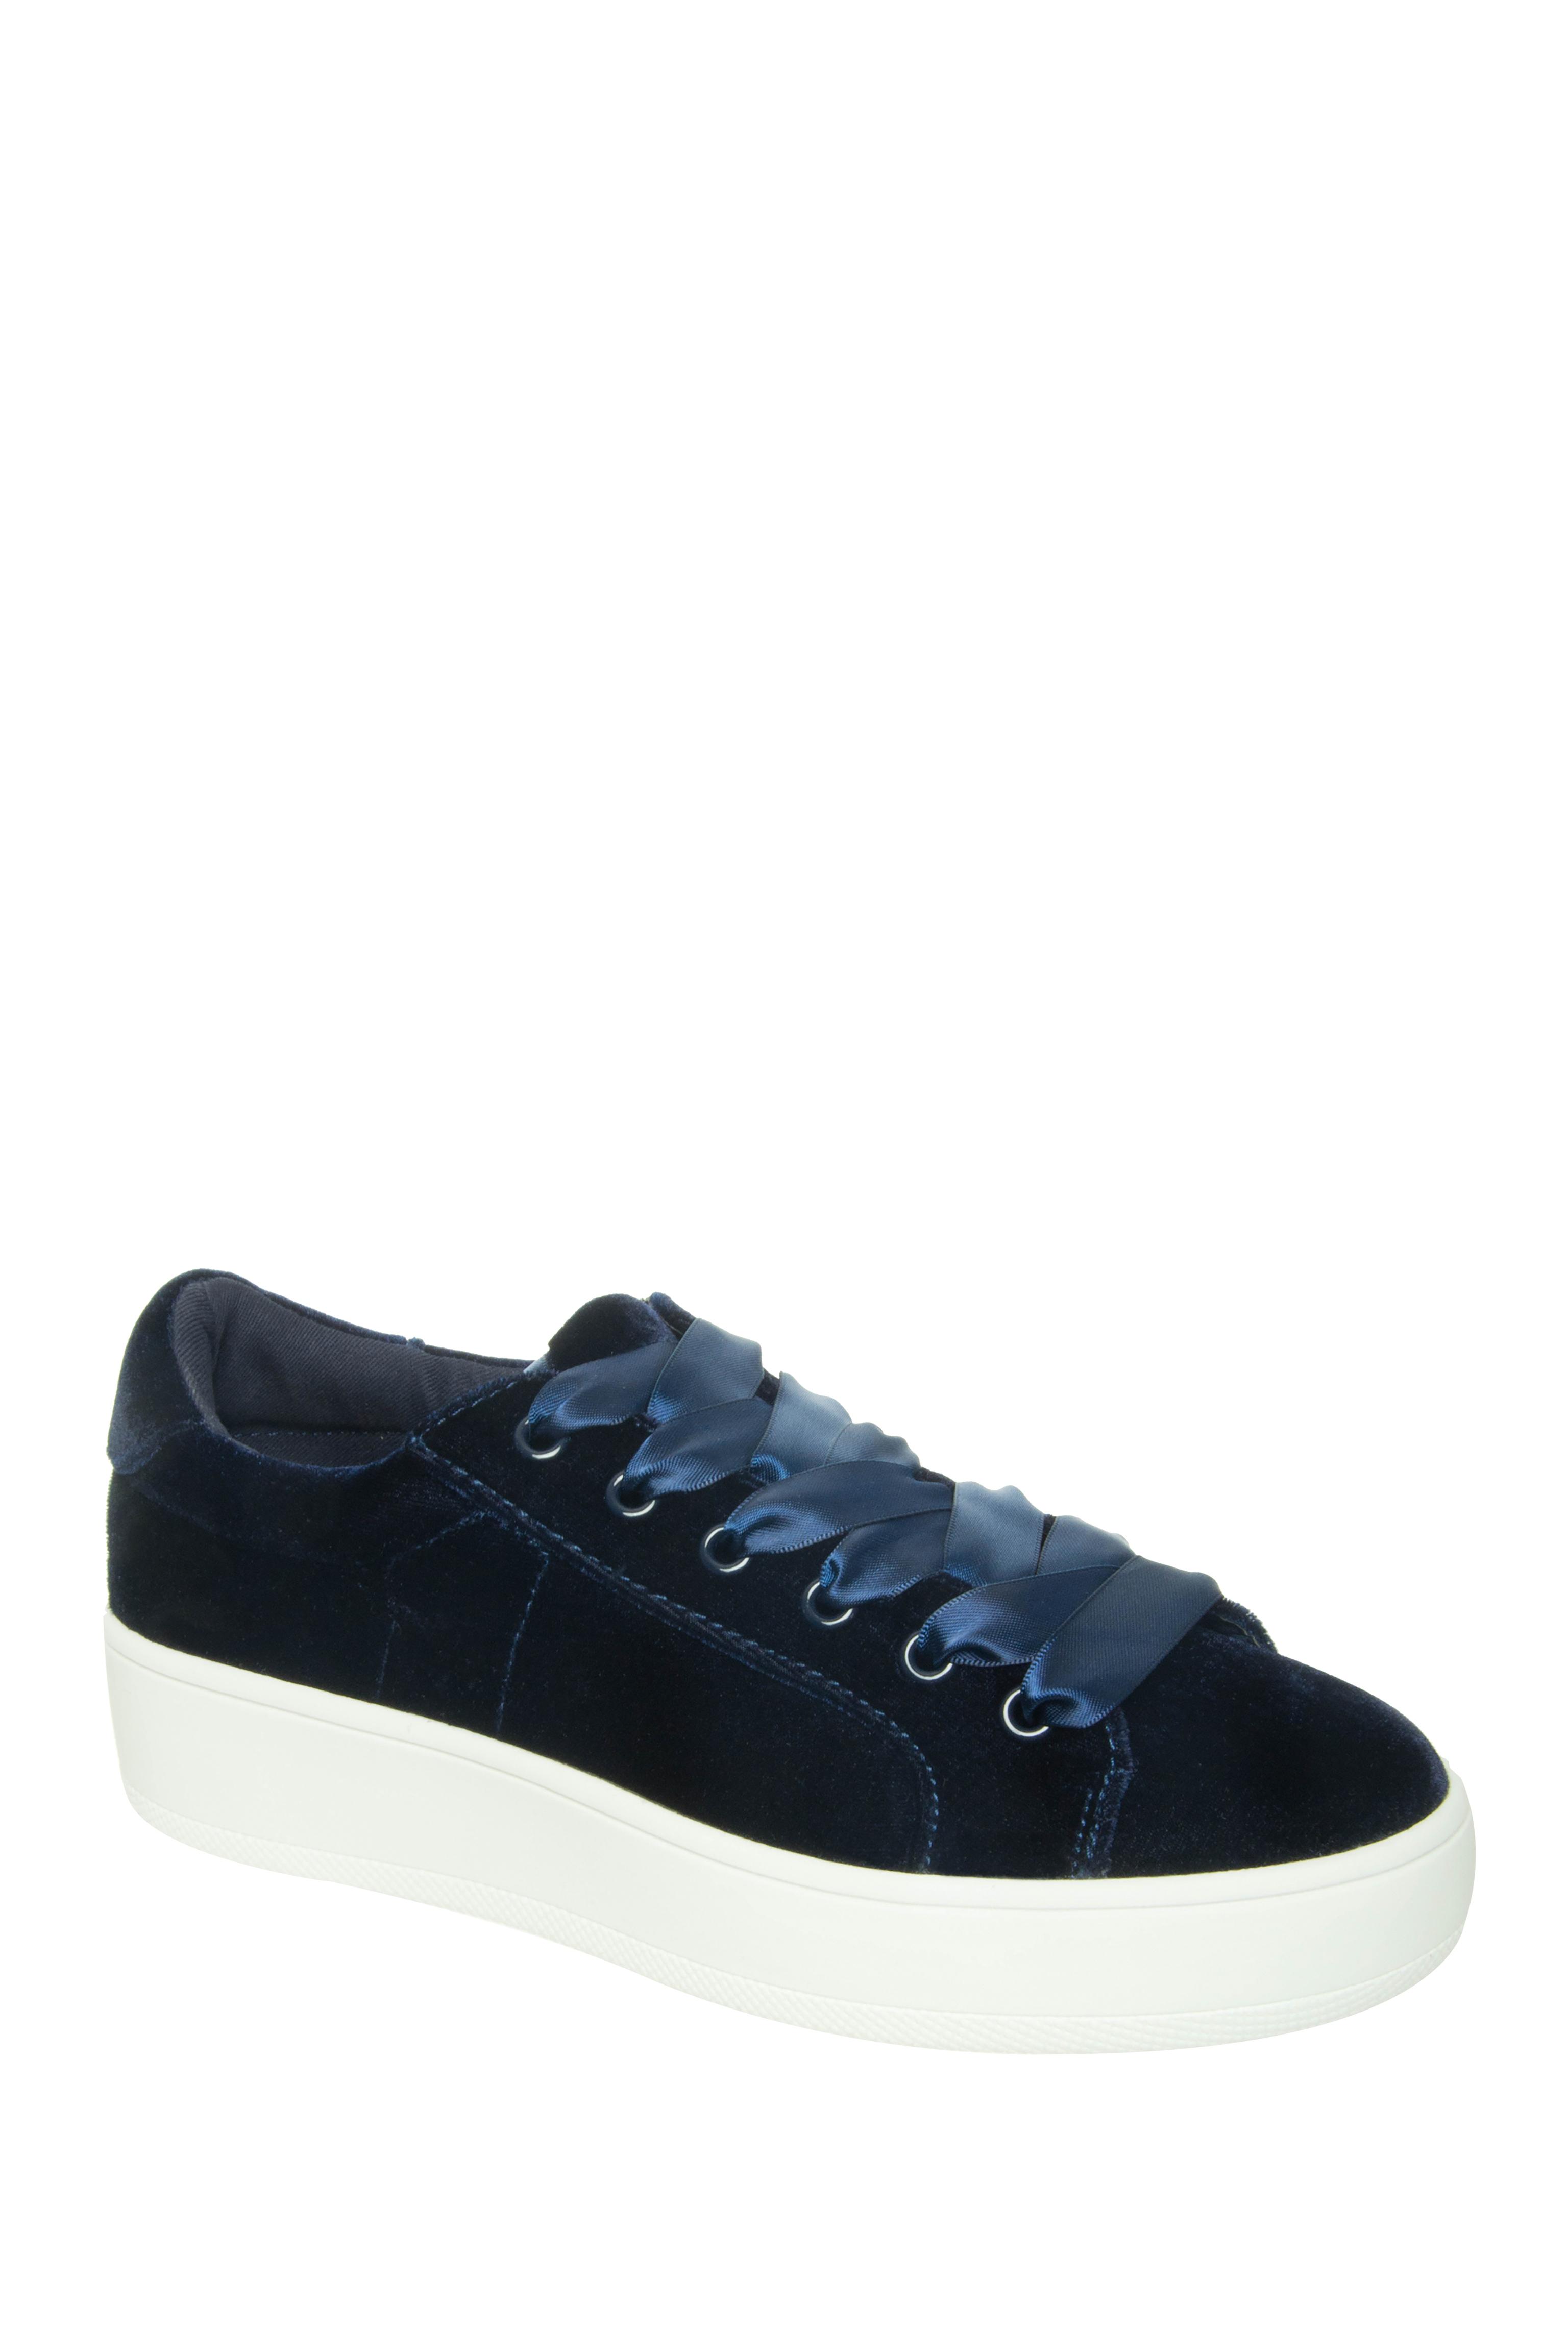 Steve Madden Bertie-V Low Top Sneakers - Blue Velvet